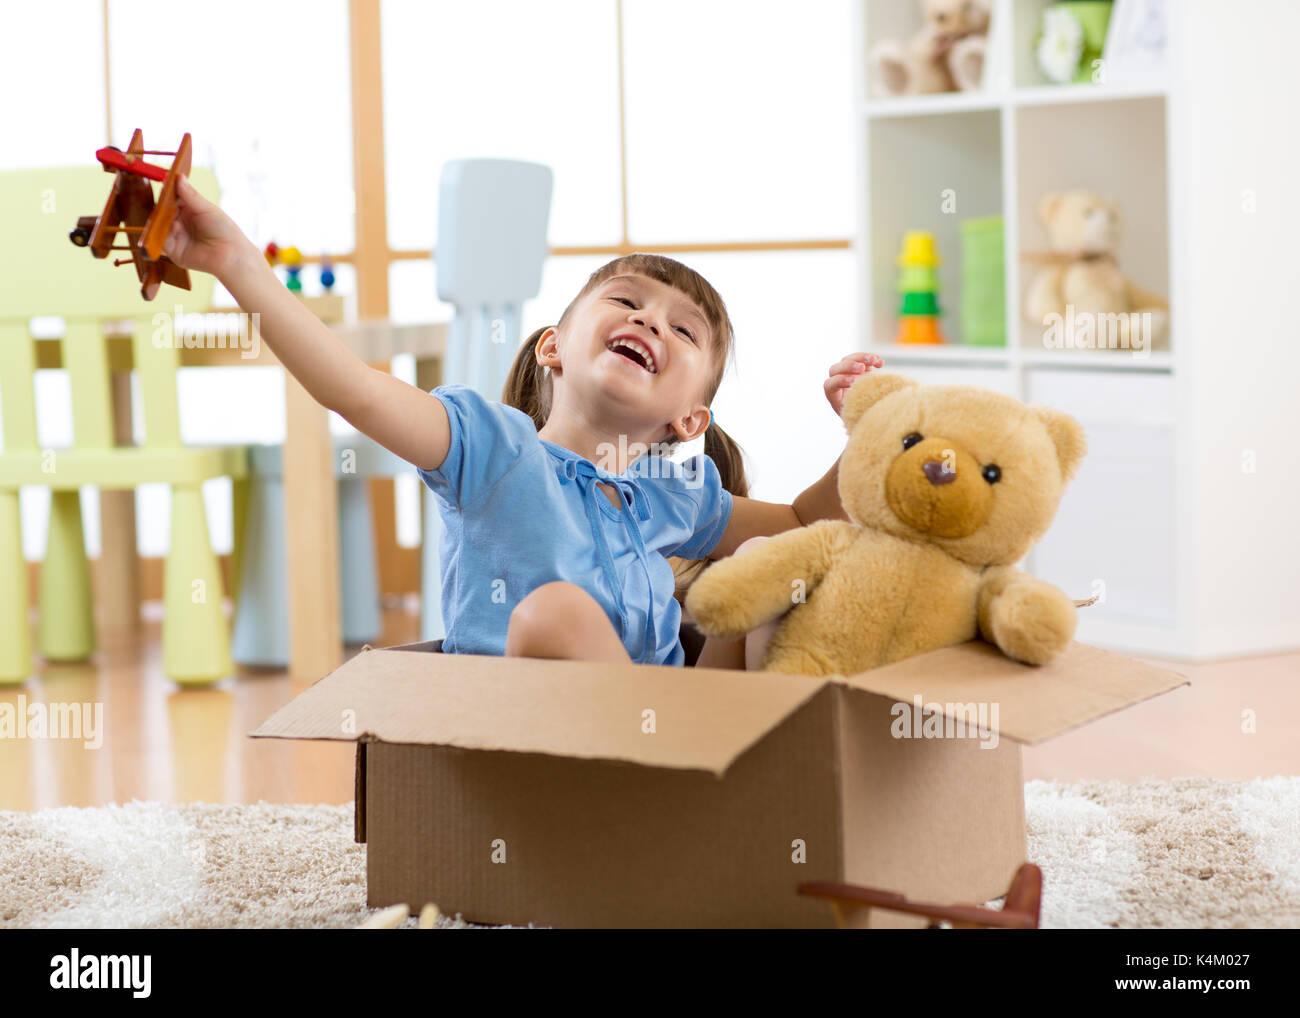 Konzept der Träume. Pilot Kind mit einem Spielzeug Flugzeug spielt zu Hause in Ihrem Zimmer. Stockbild